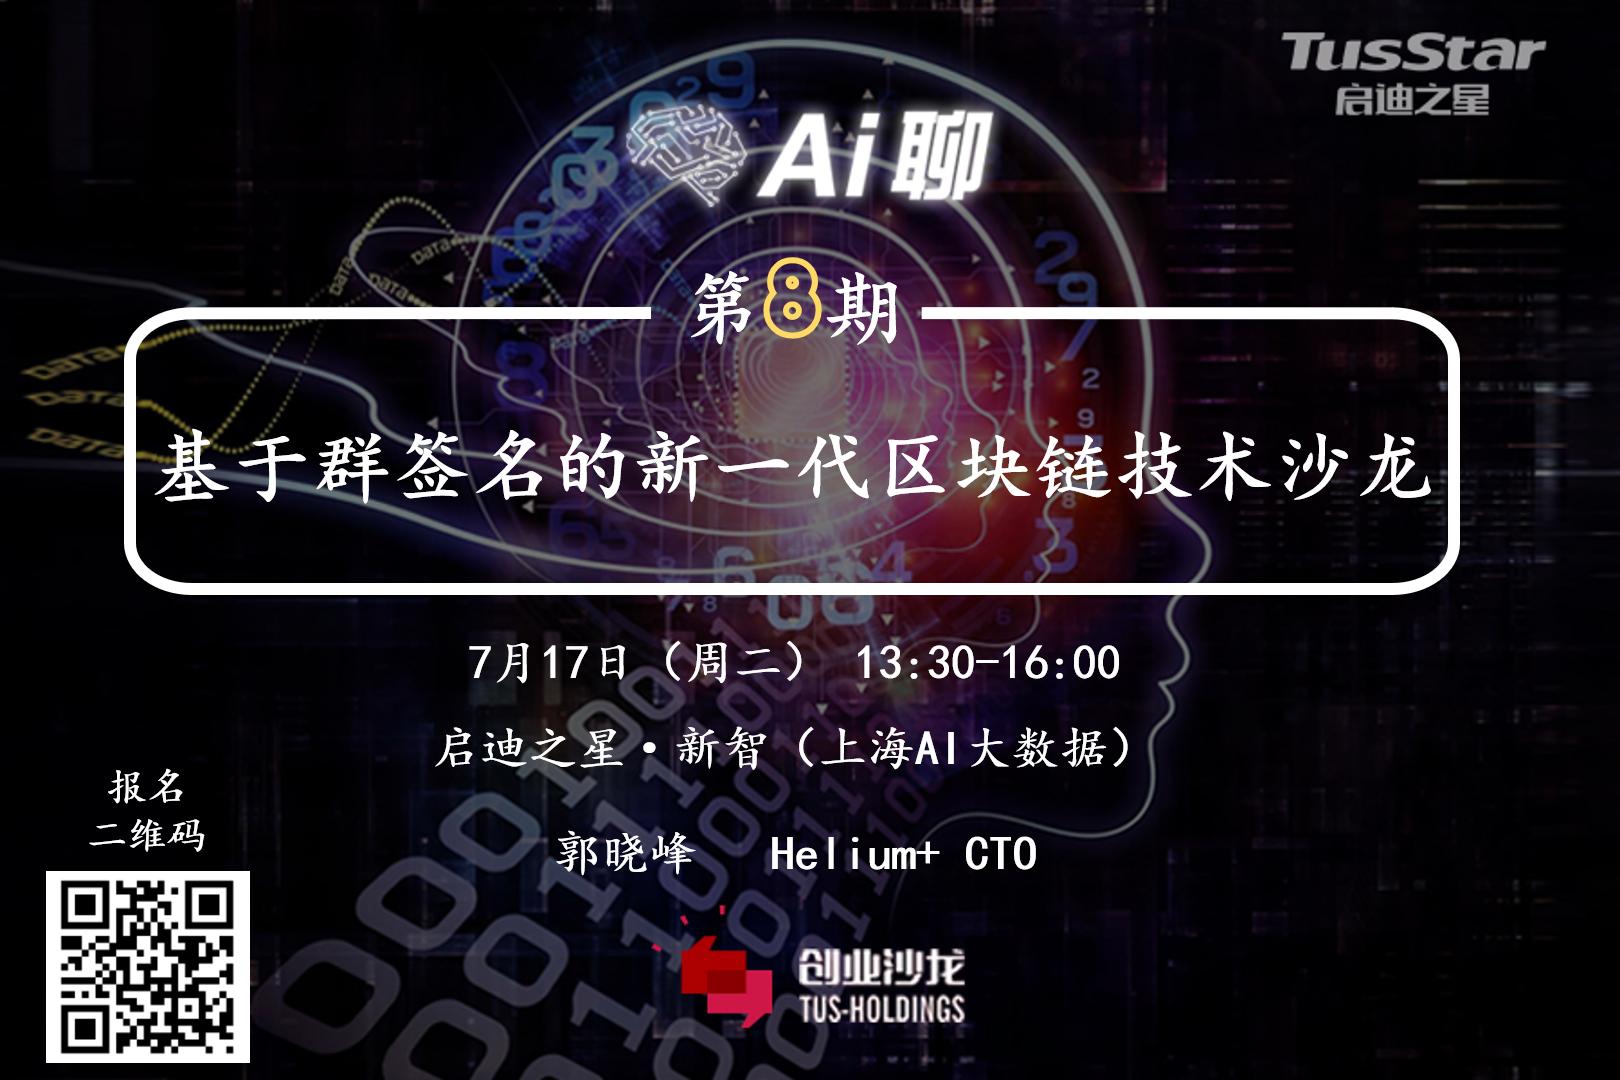 7.17 基于群签名的新一代区块链技术 | AI聊沙龙第8期报名